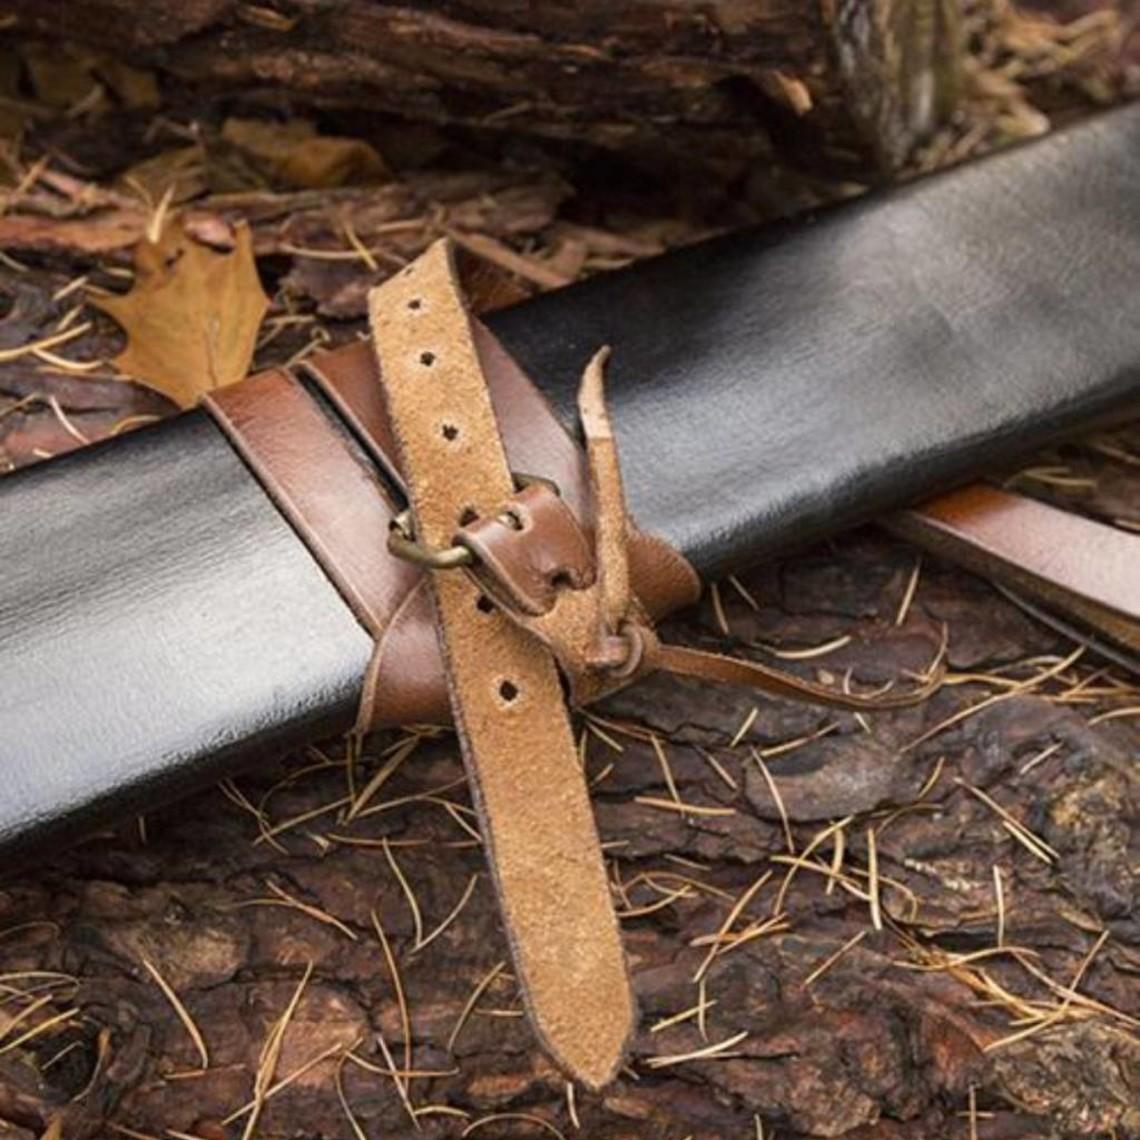 Epic Armoury LARP vaina la espada para los zurdos, grande, de cuero